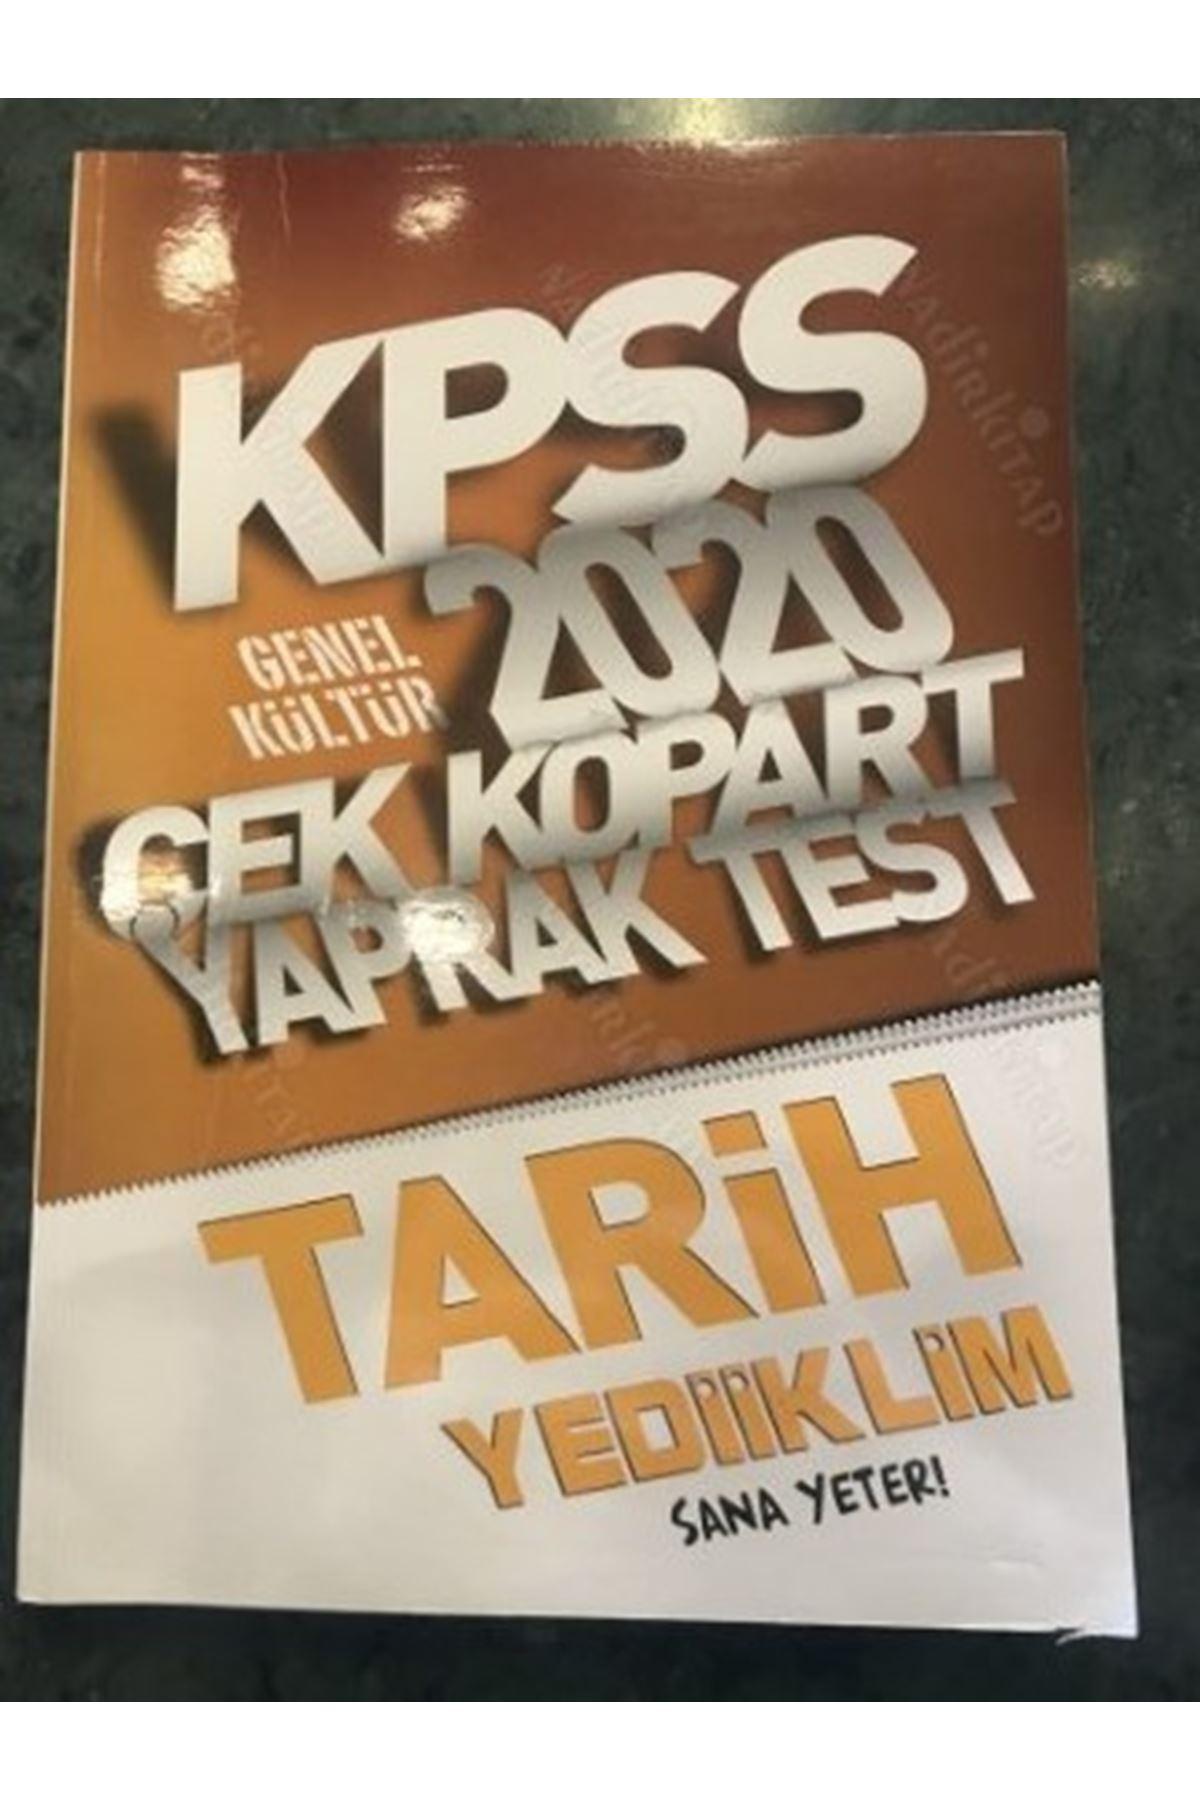 KPSS 2020 ÇEK KOPART YAPRAK TEST TARİH